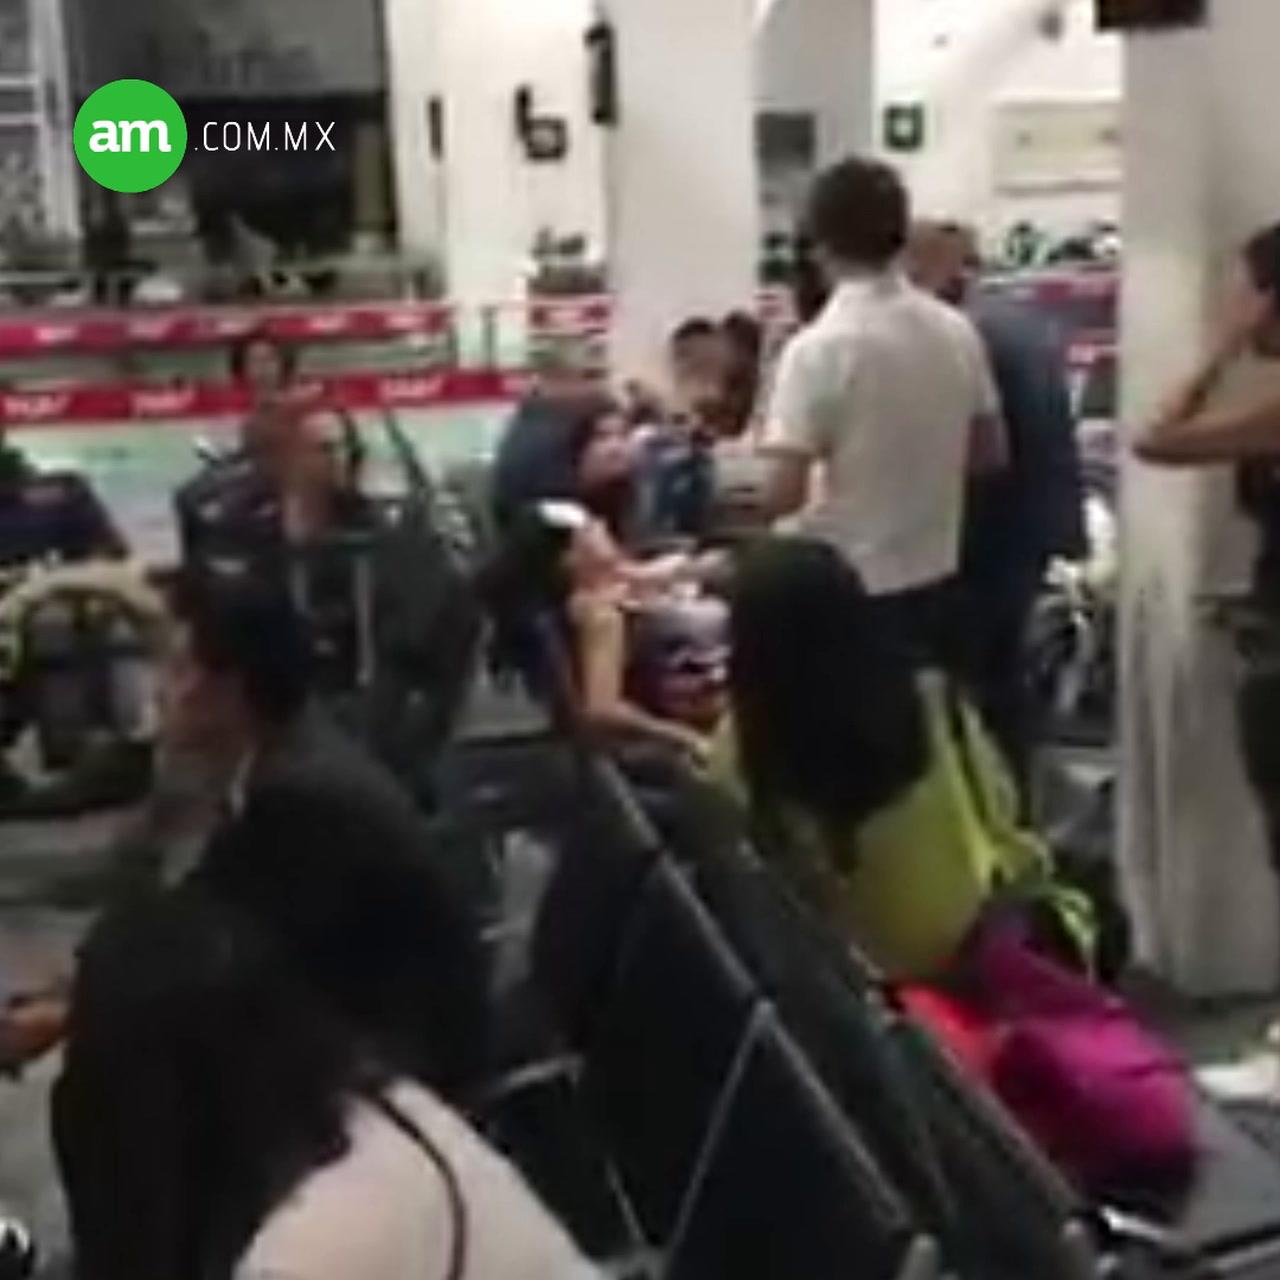 Video: Caos en Aeroméxico, dejan a usuarios enojados encerrados en avión